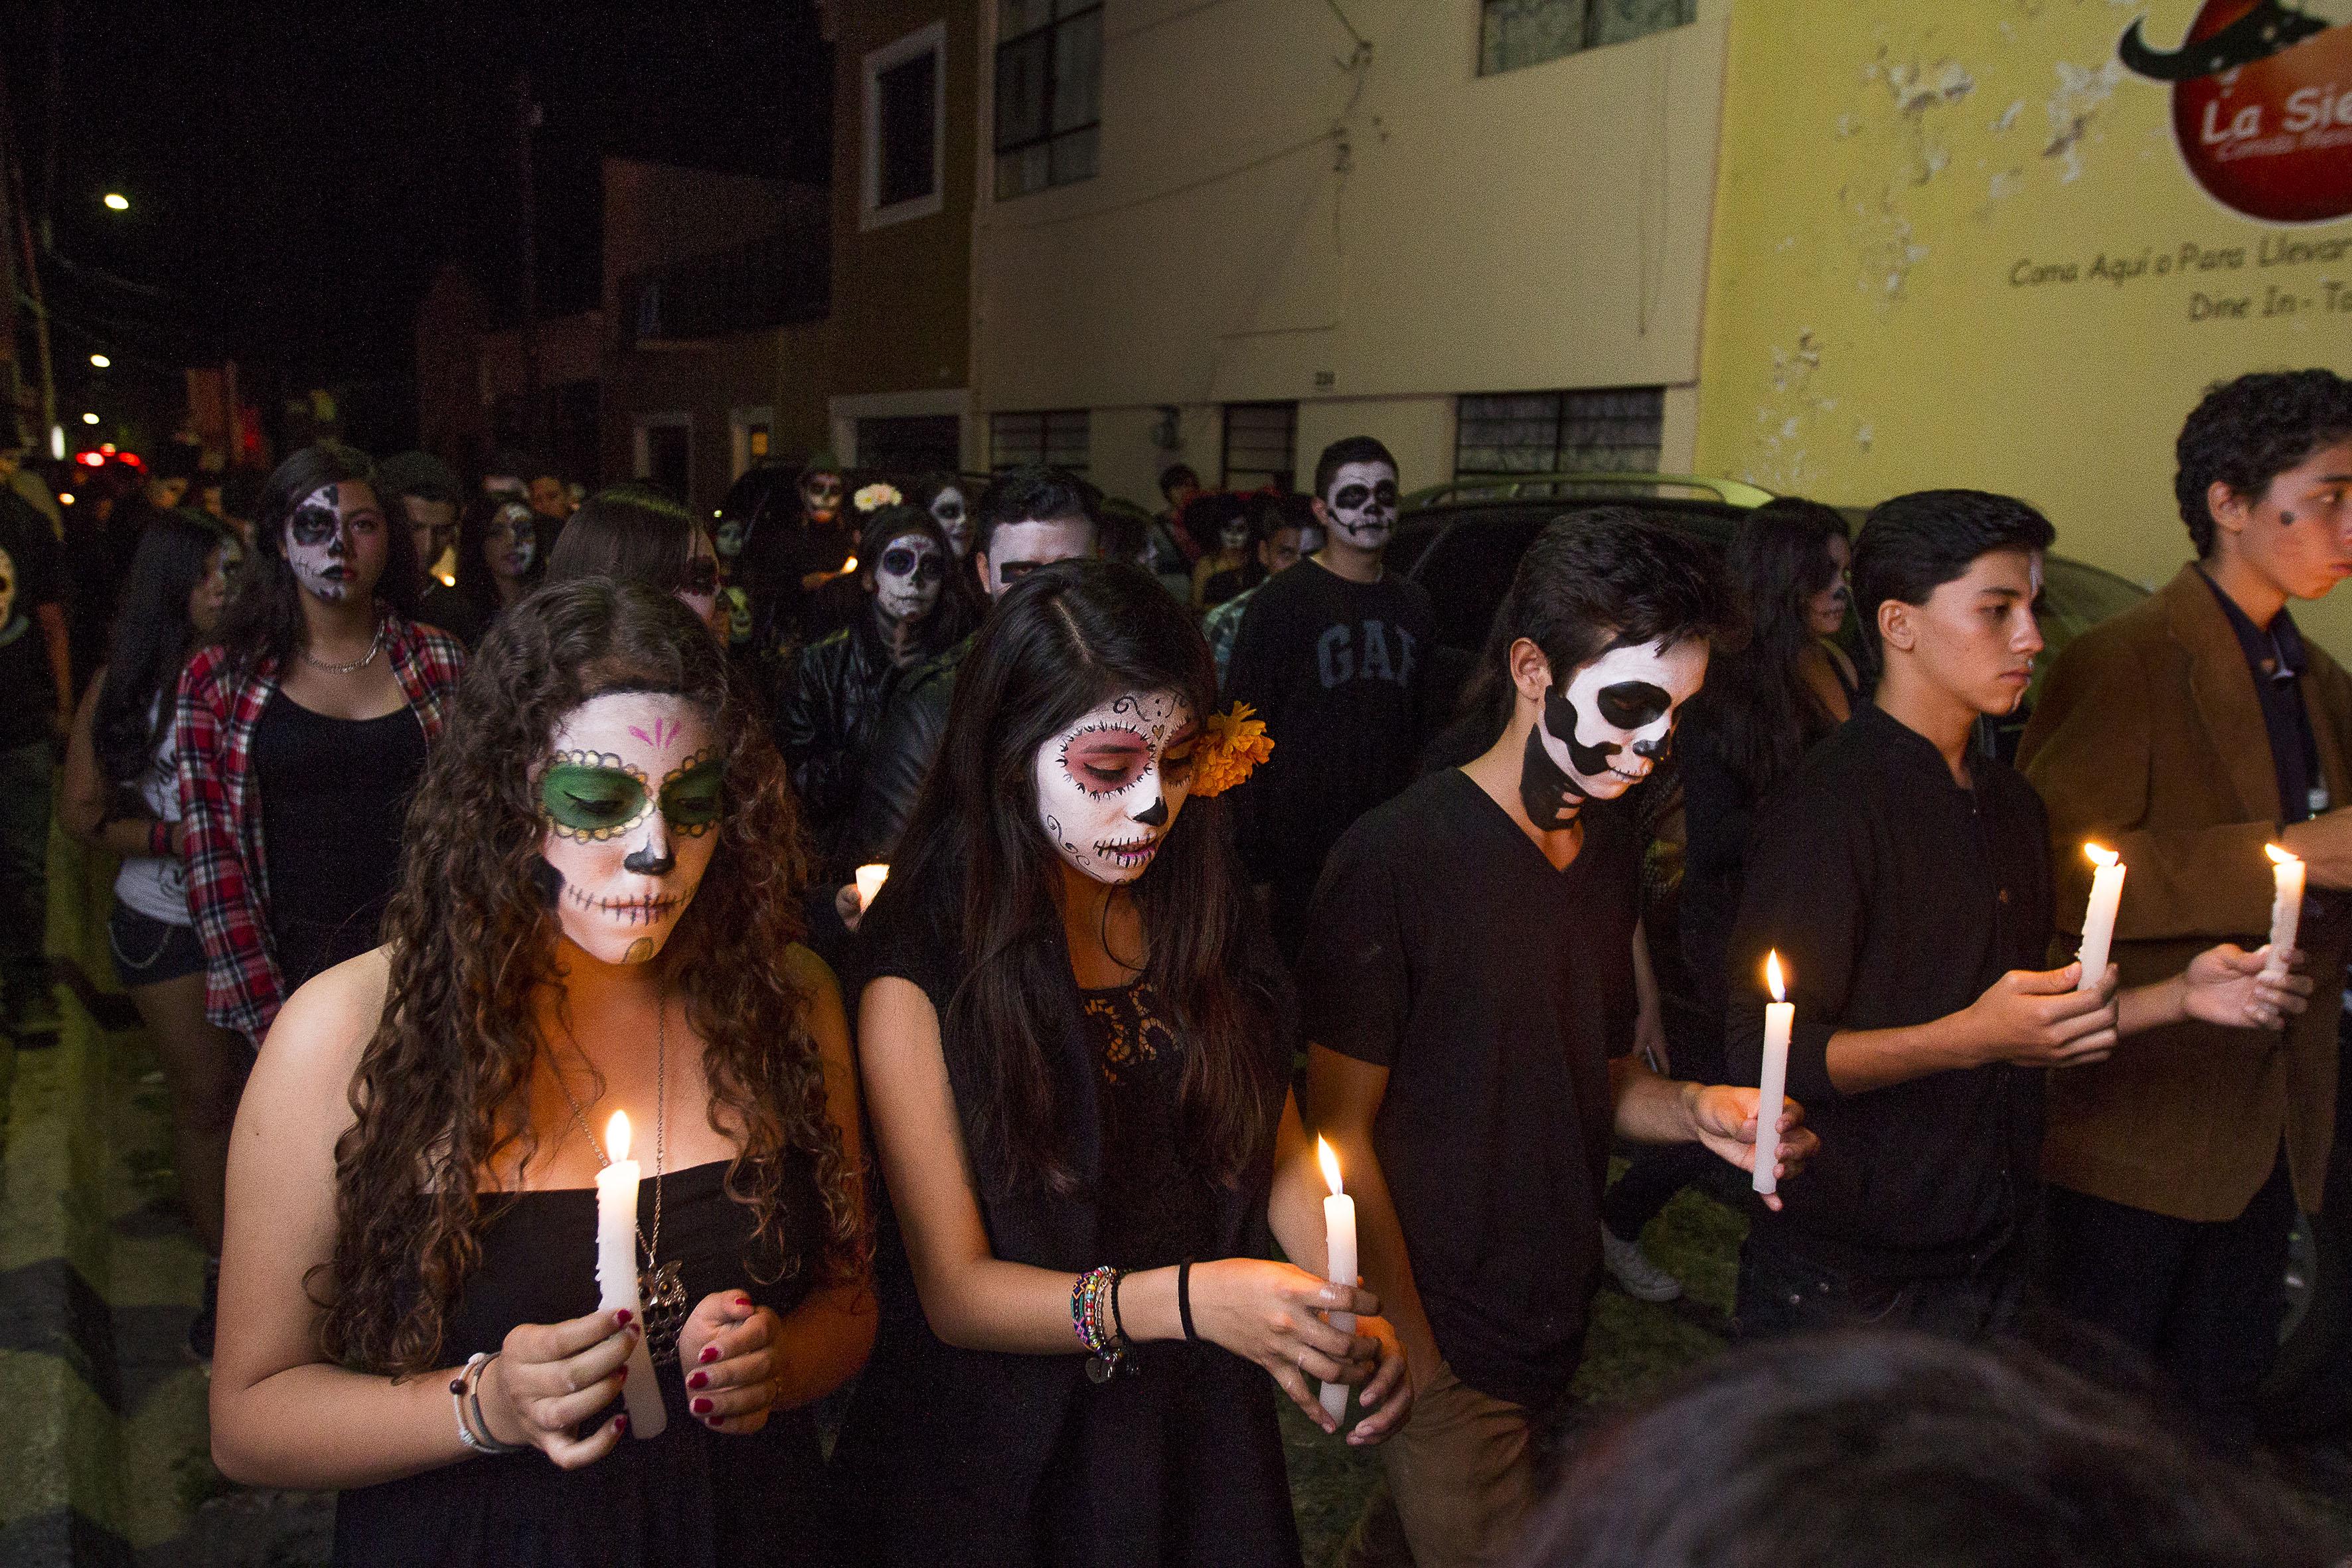 Estudiantes vestidos de catrinas caminado de noche por las calles